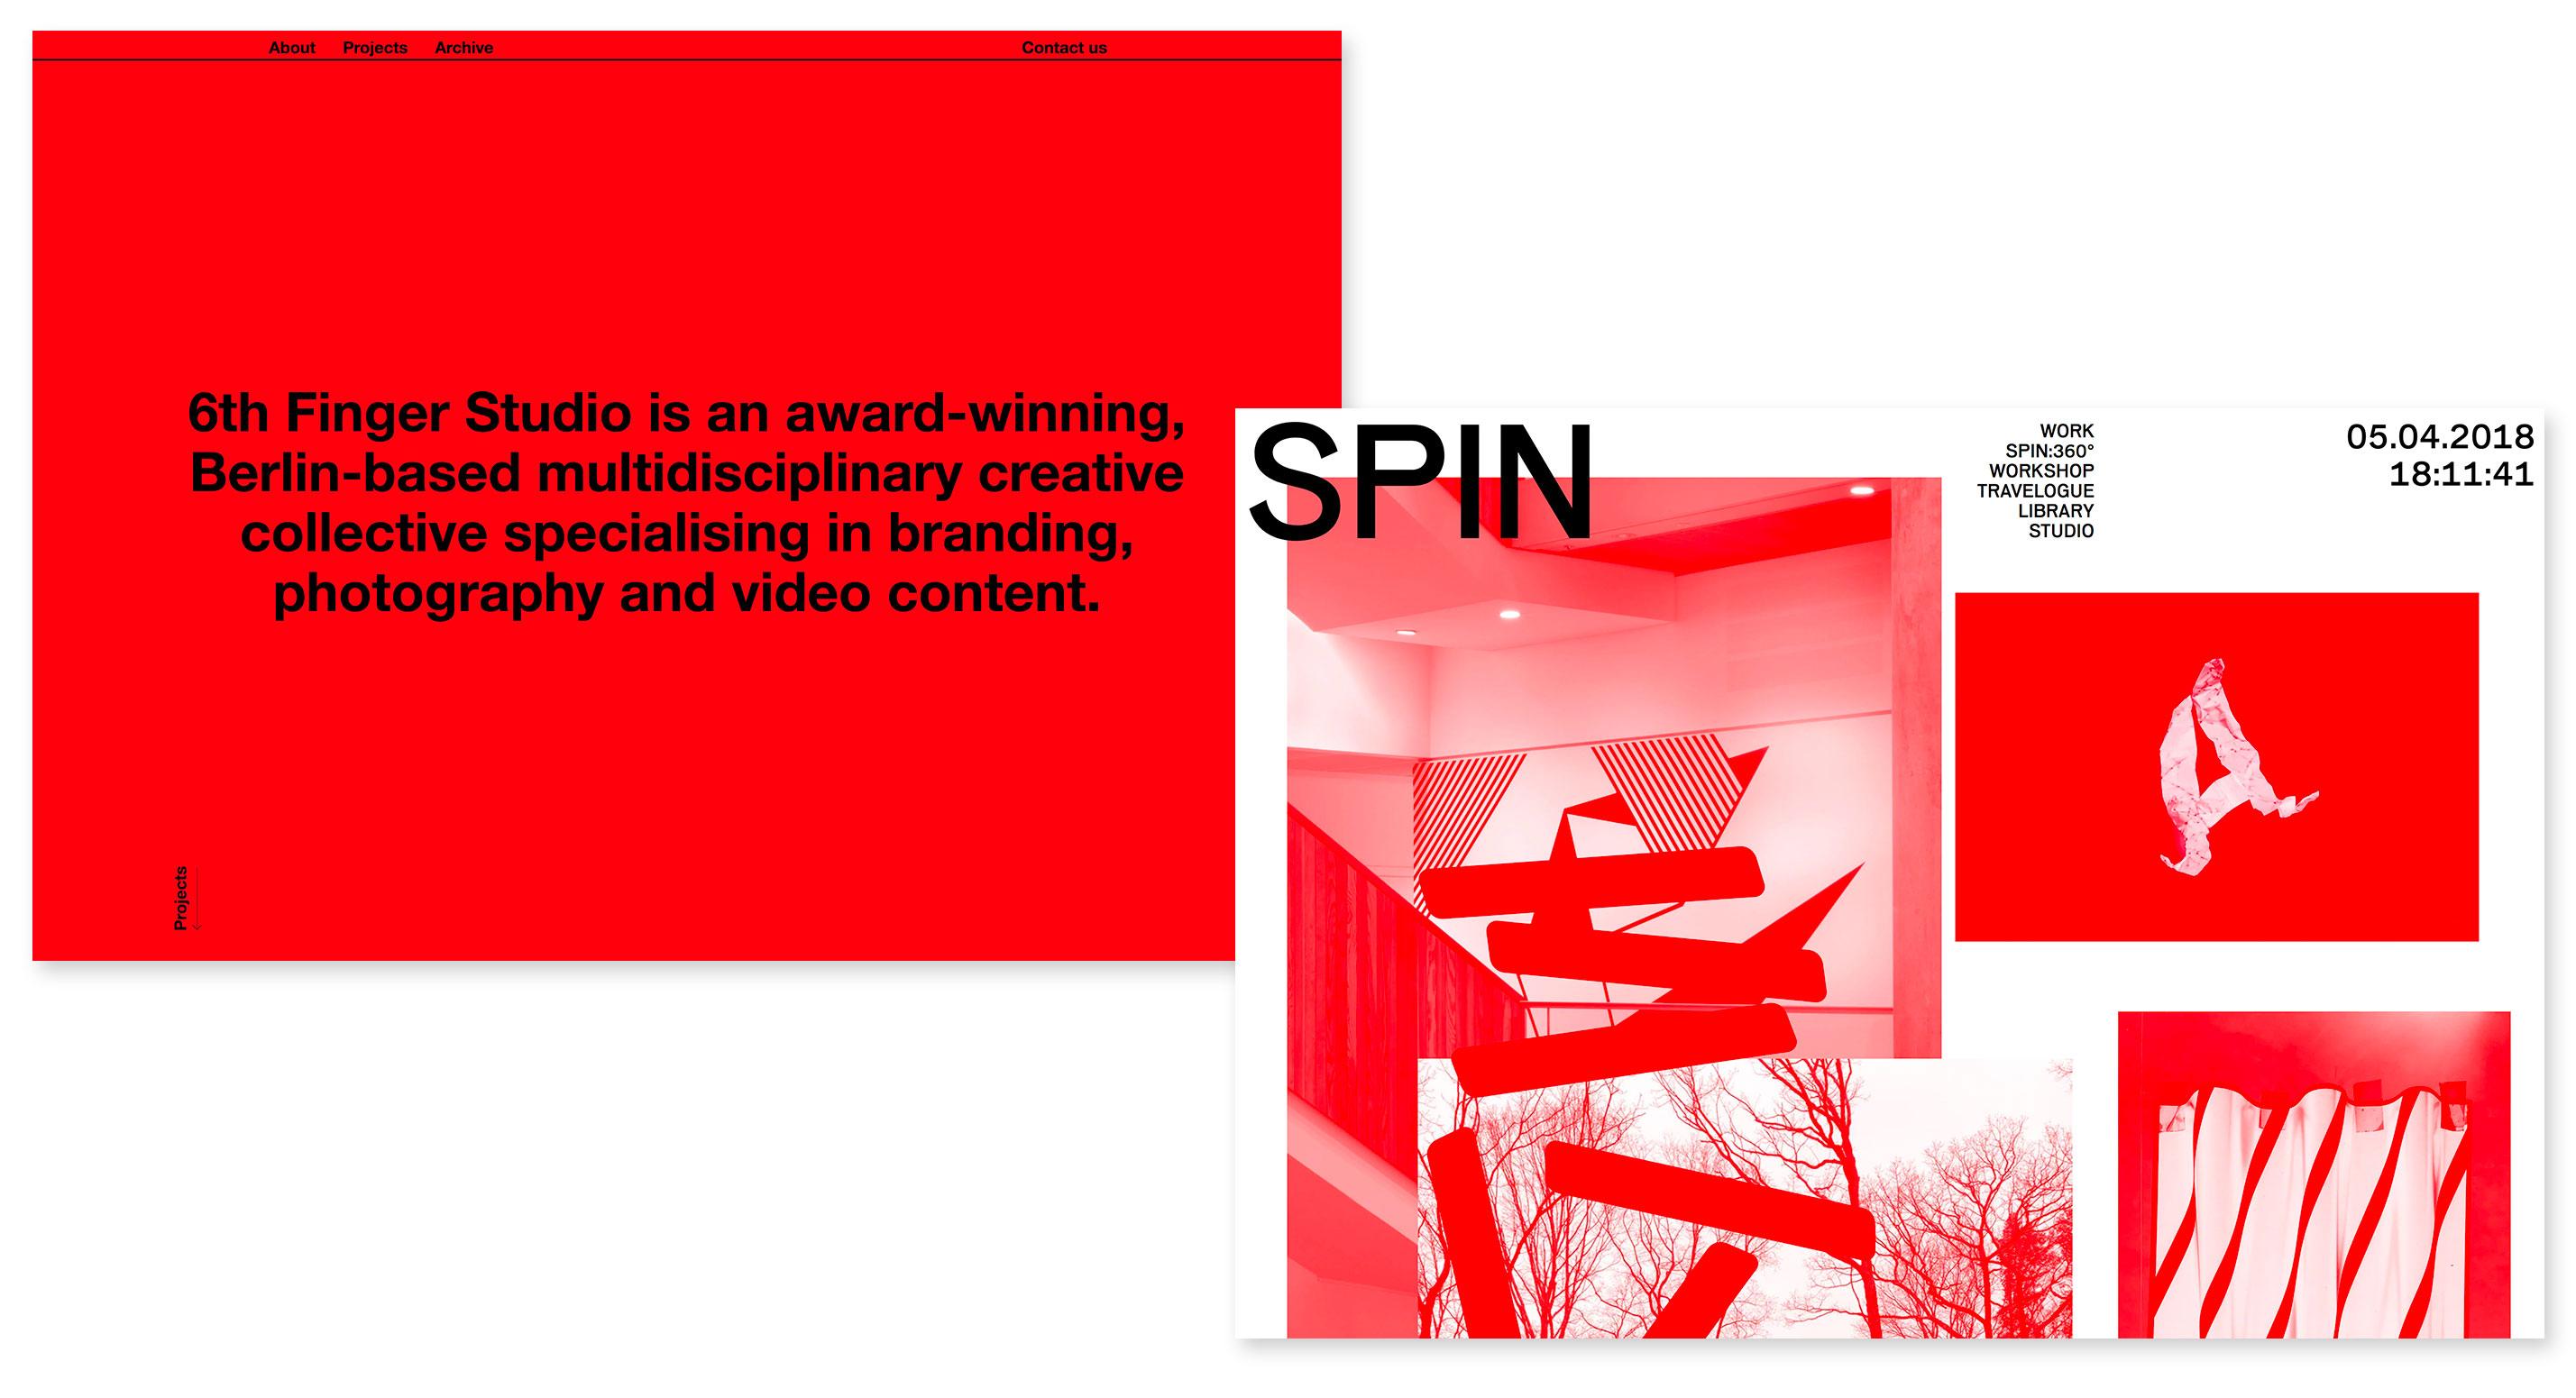 http://6thfinger.studio; http://spin.co.uk